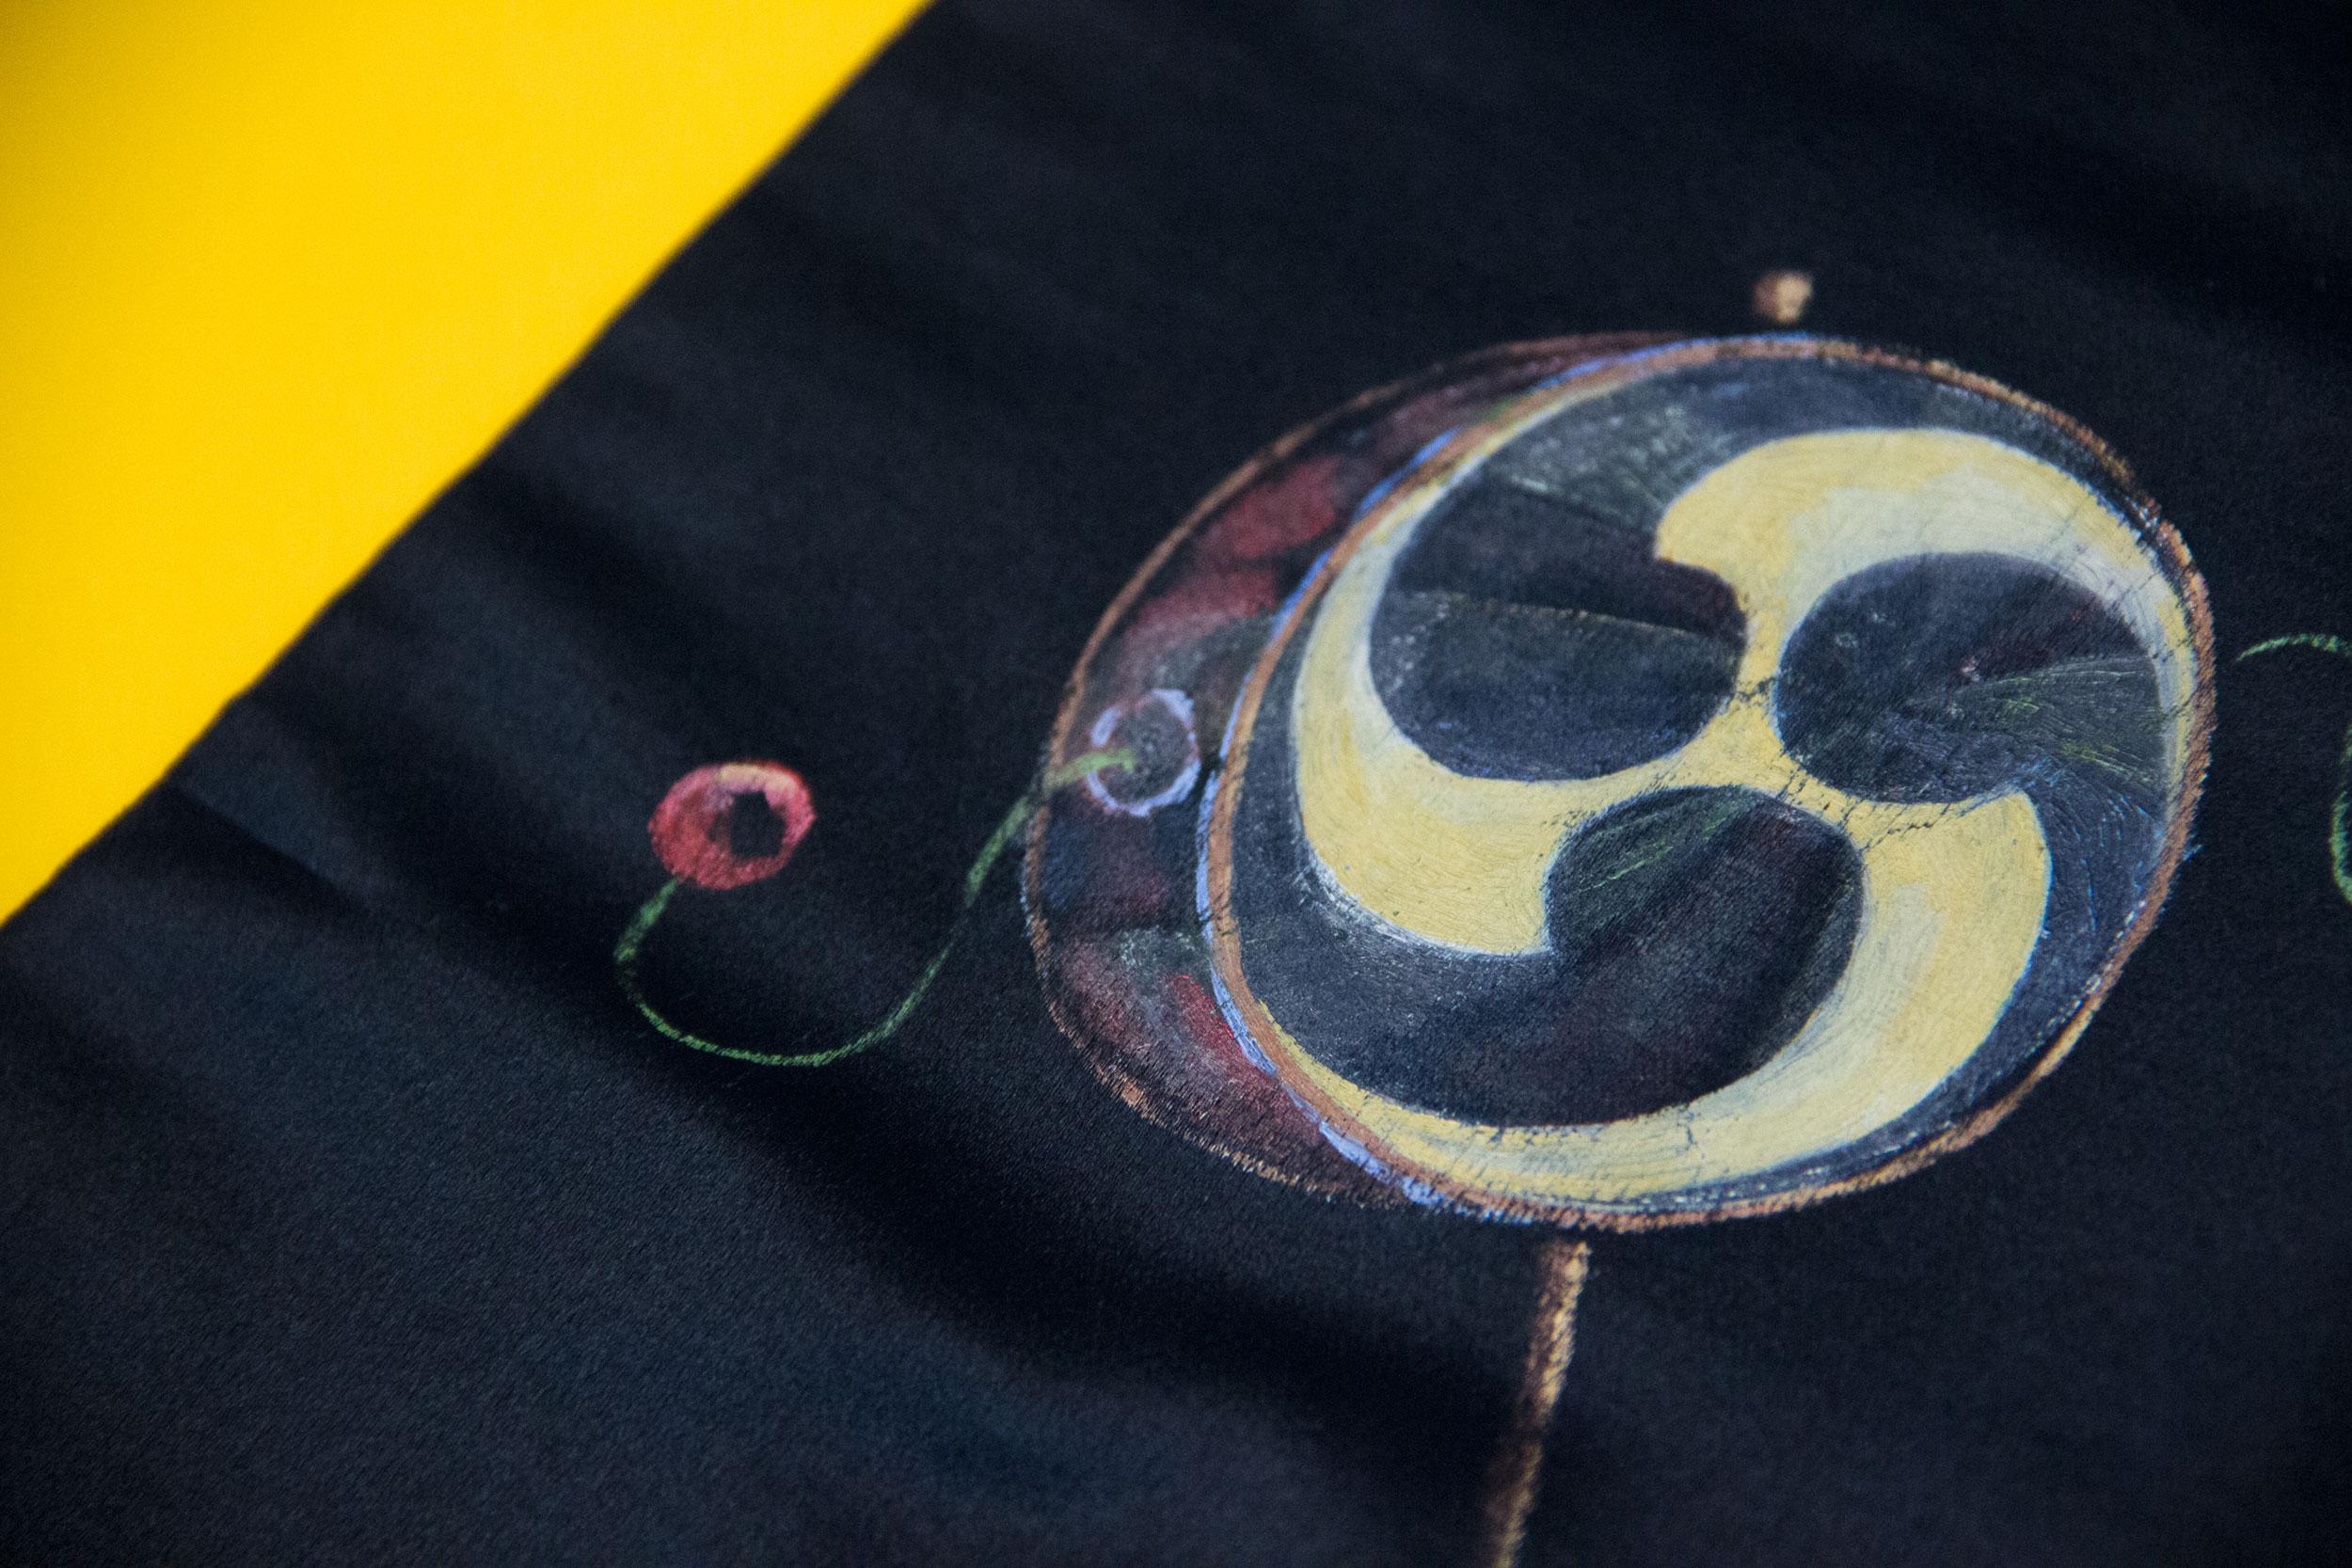 Как я купила винтажное кимоно и хаори в Японии и что из этого вышло. Таня Койчева для Garterblog.ru Все права на фото и текст защищены. Пояс нагоя-оби